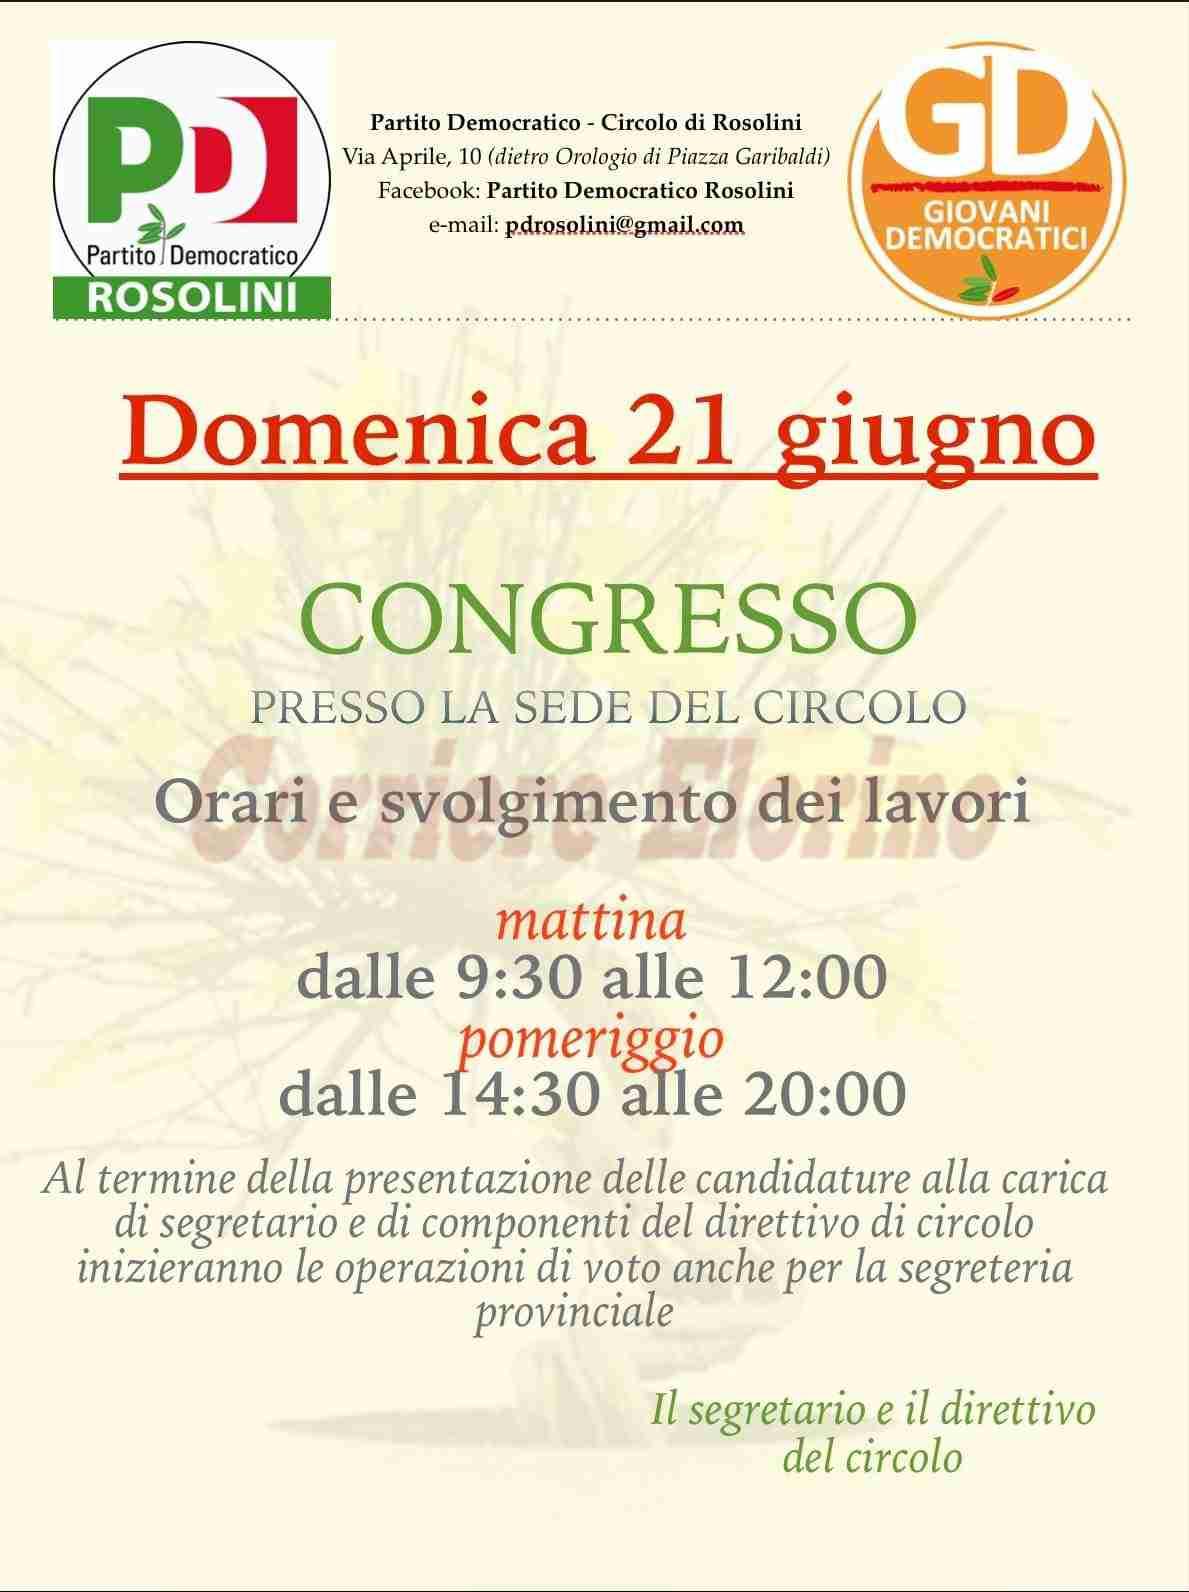 Domenica 21 giugno Congresso Cittadino del PD di Rosolini